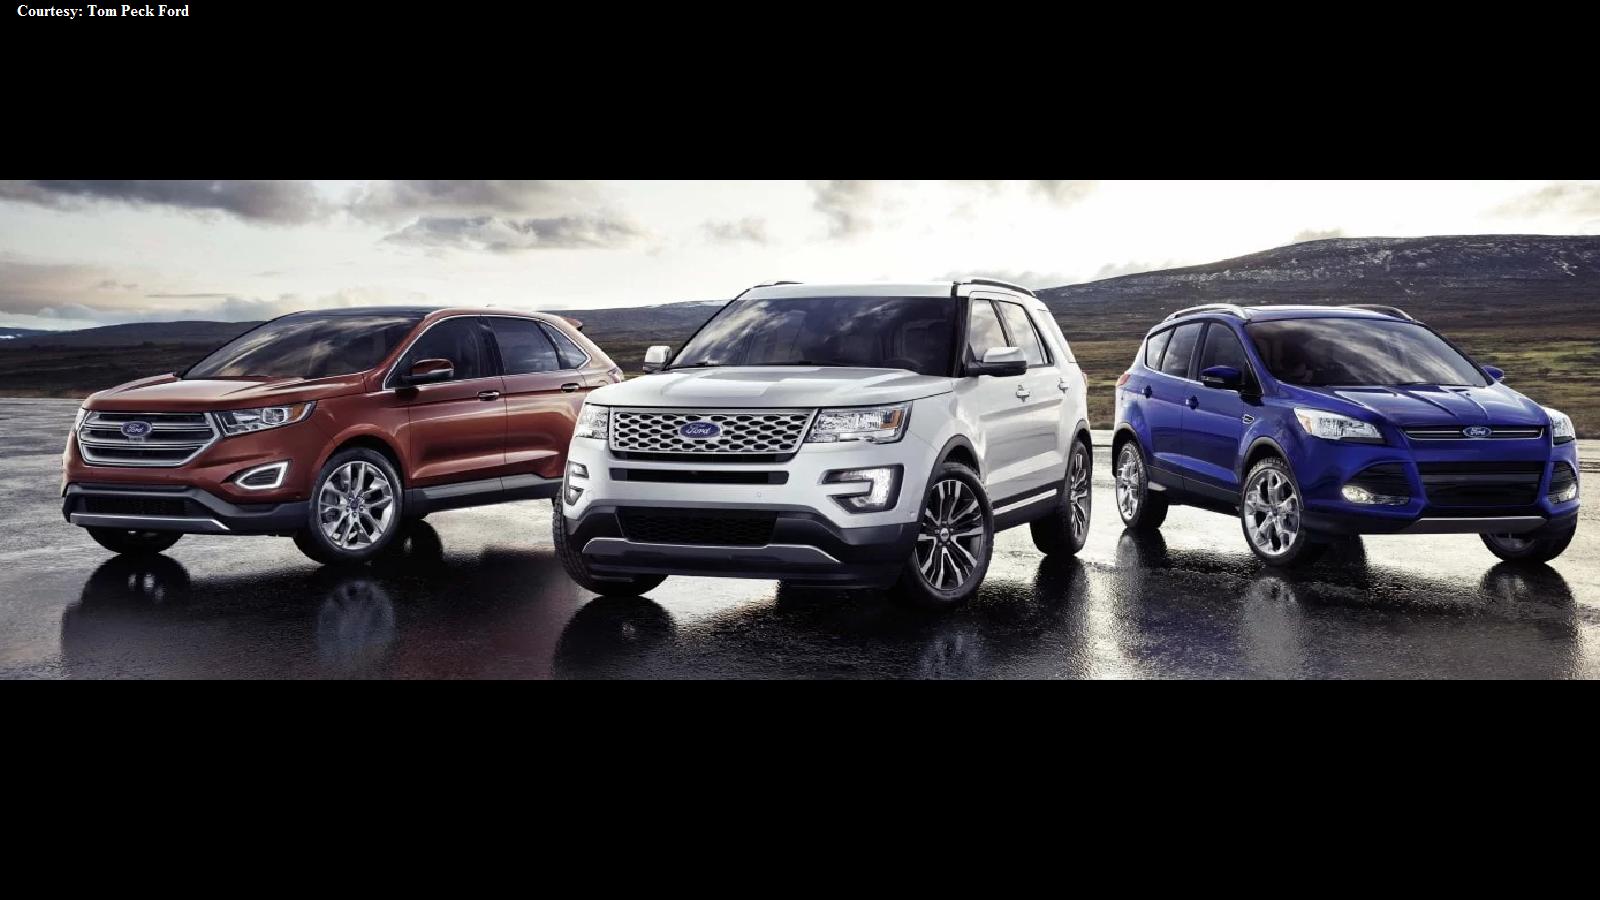 Ford Makes a Splash at the 2017 LA Auto Show